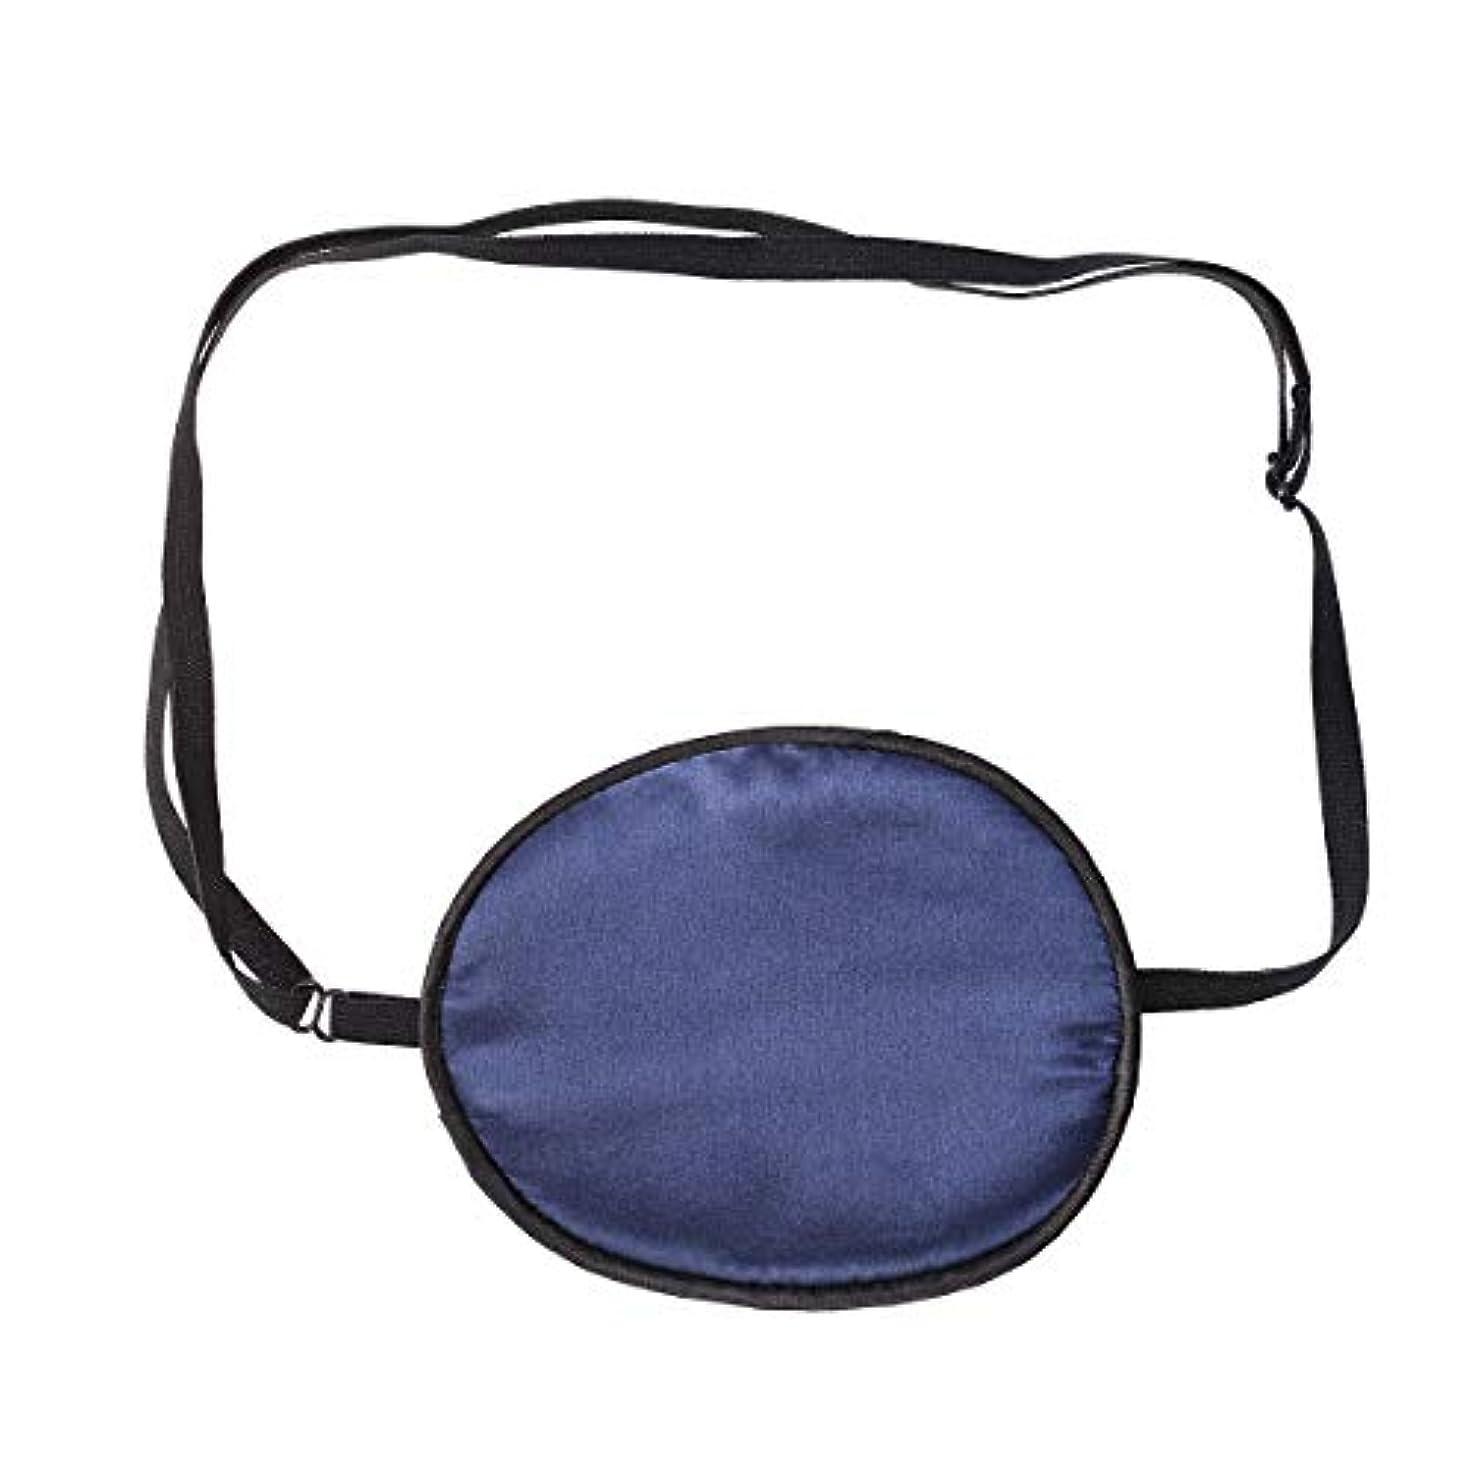 検閲れんが解釈的Healifty 弱視斜視用のアイパッチシングルアイマスク調節可能なアイカバー